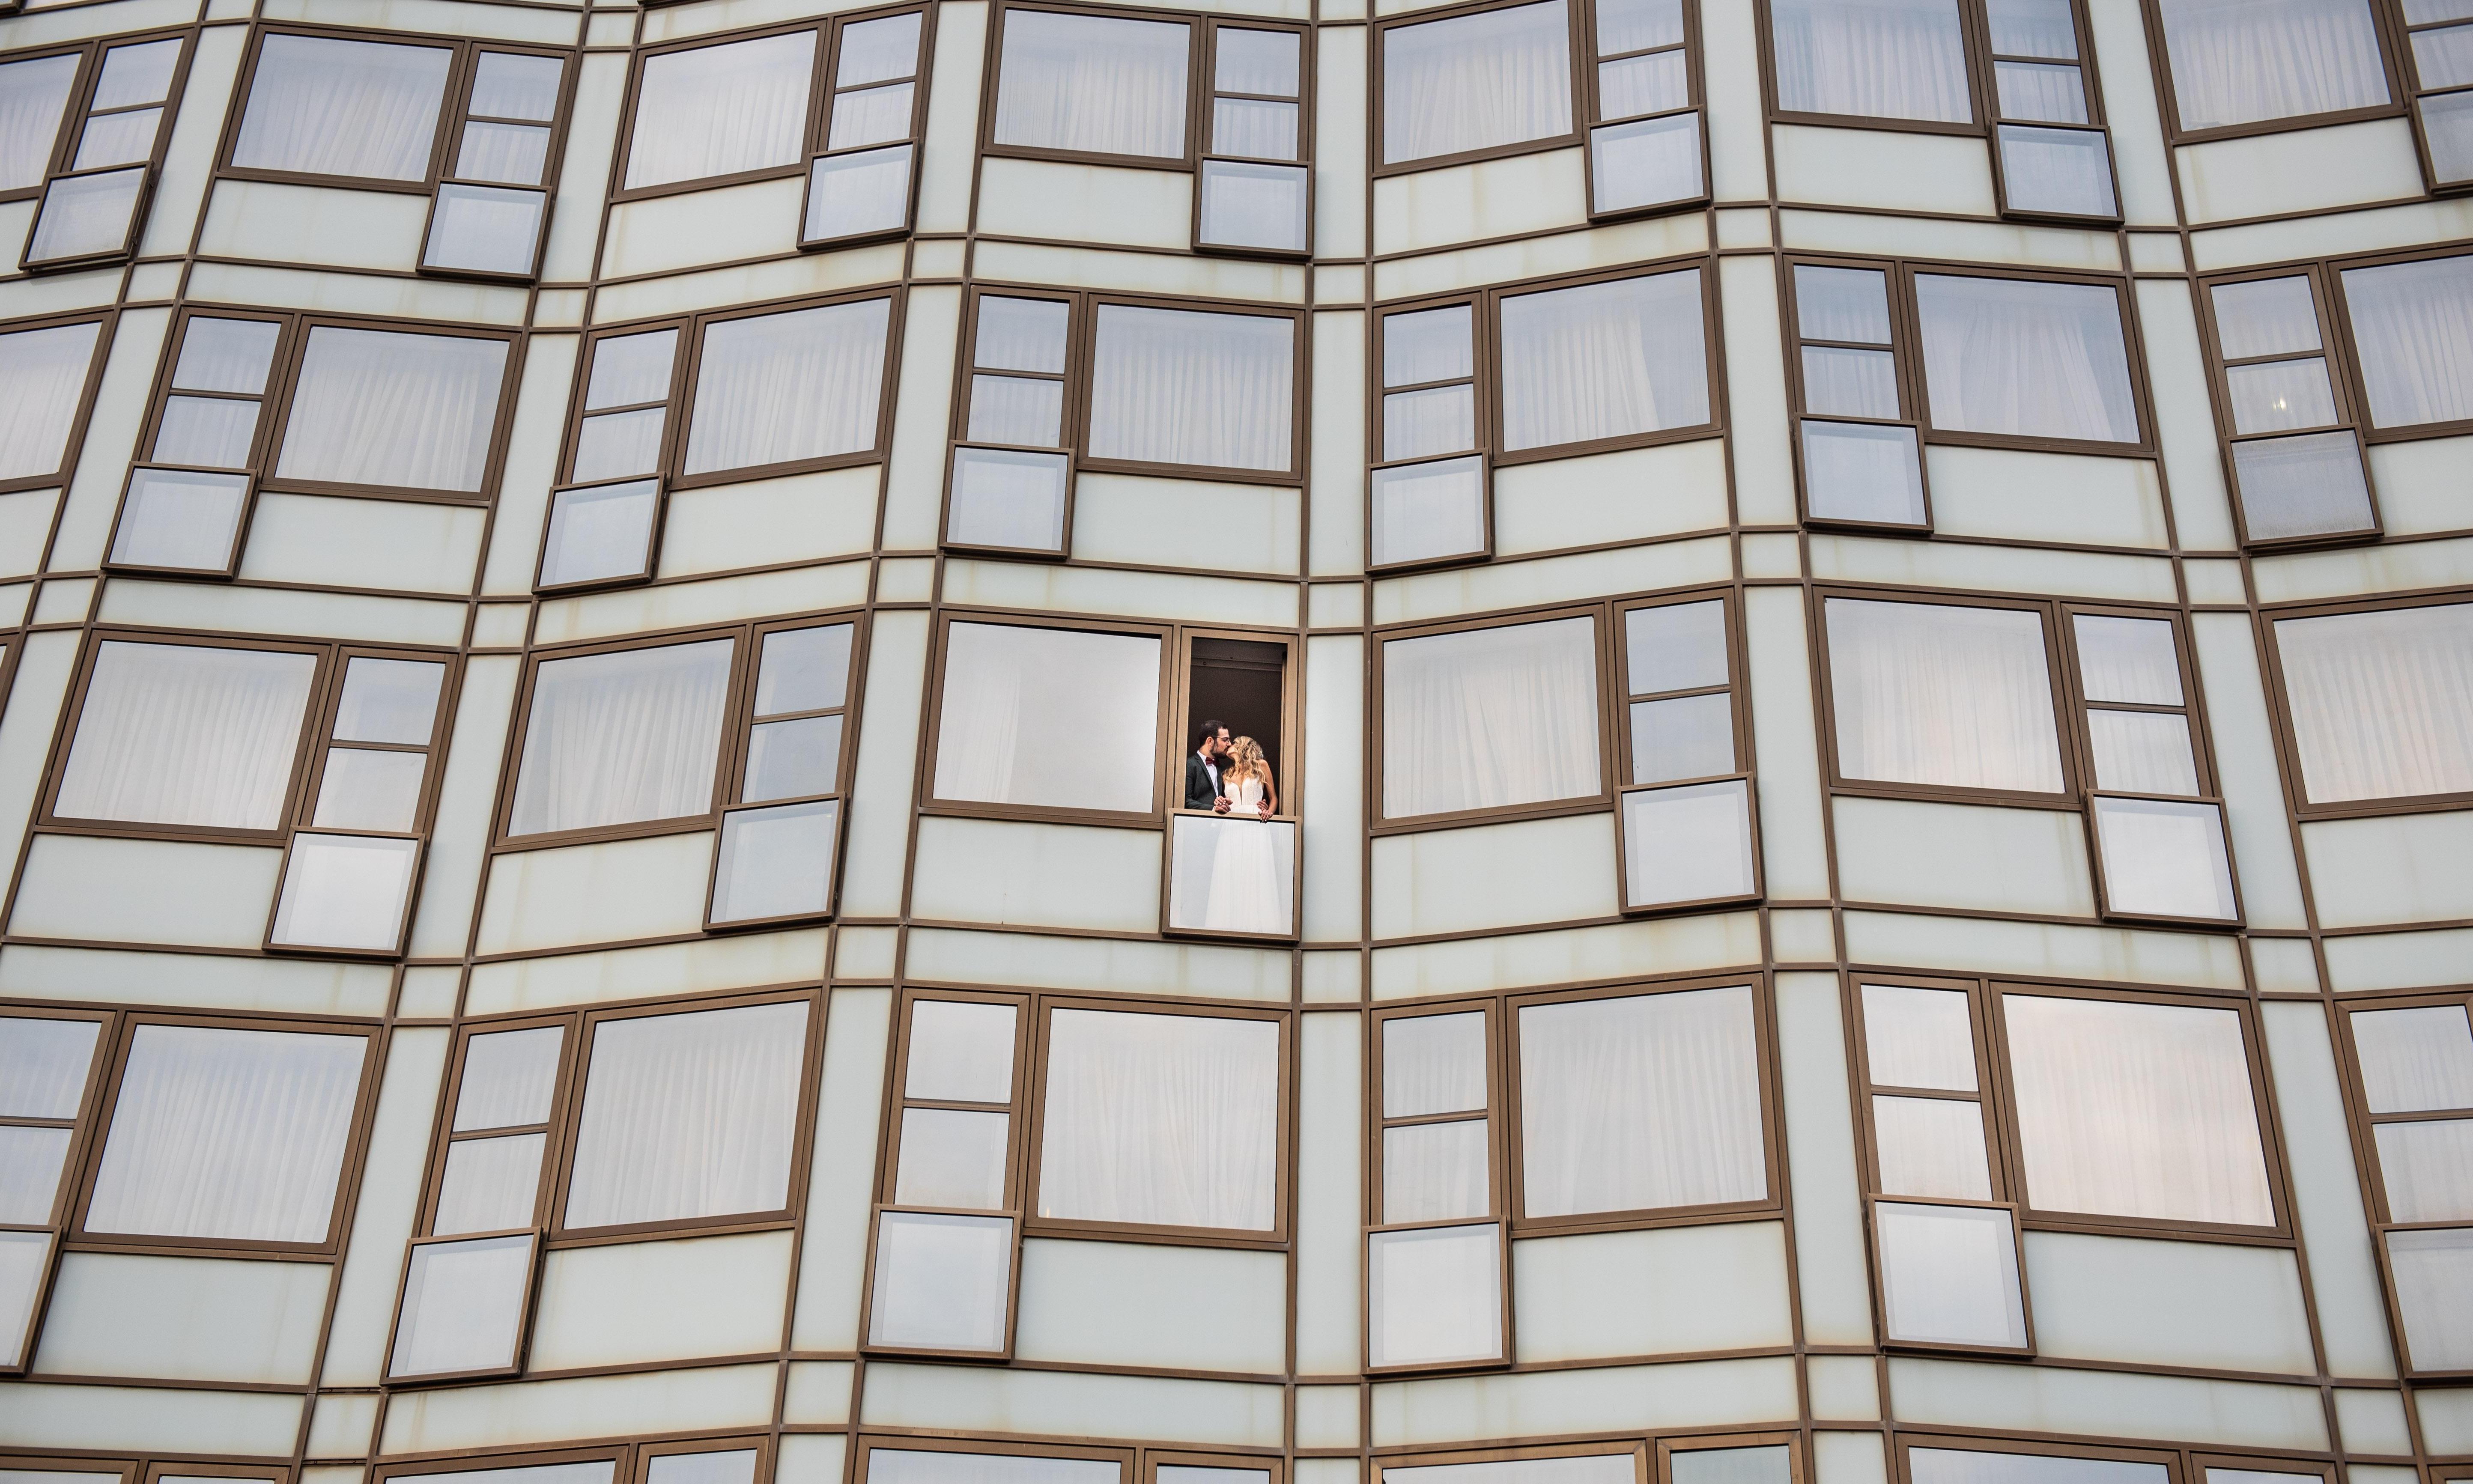 יצירתיות. יציאה מהקופסא. צילום חתונה.